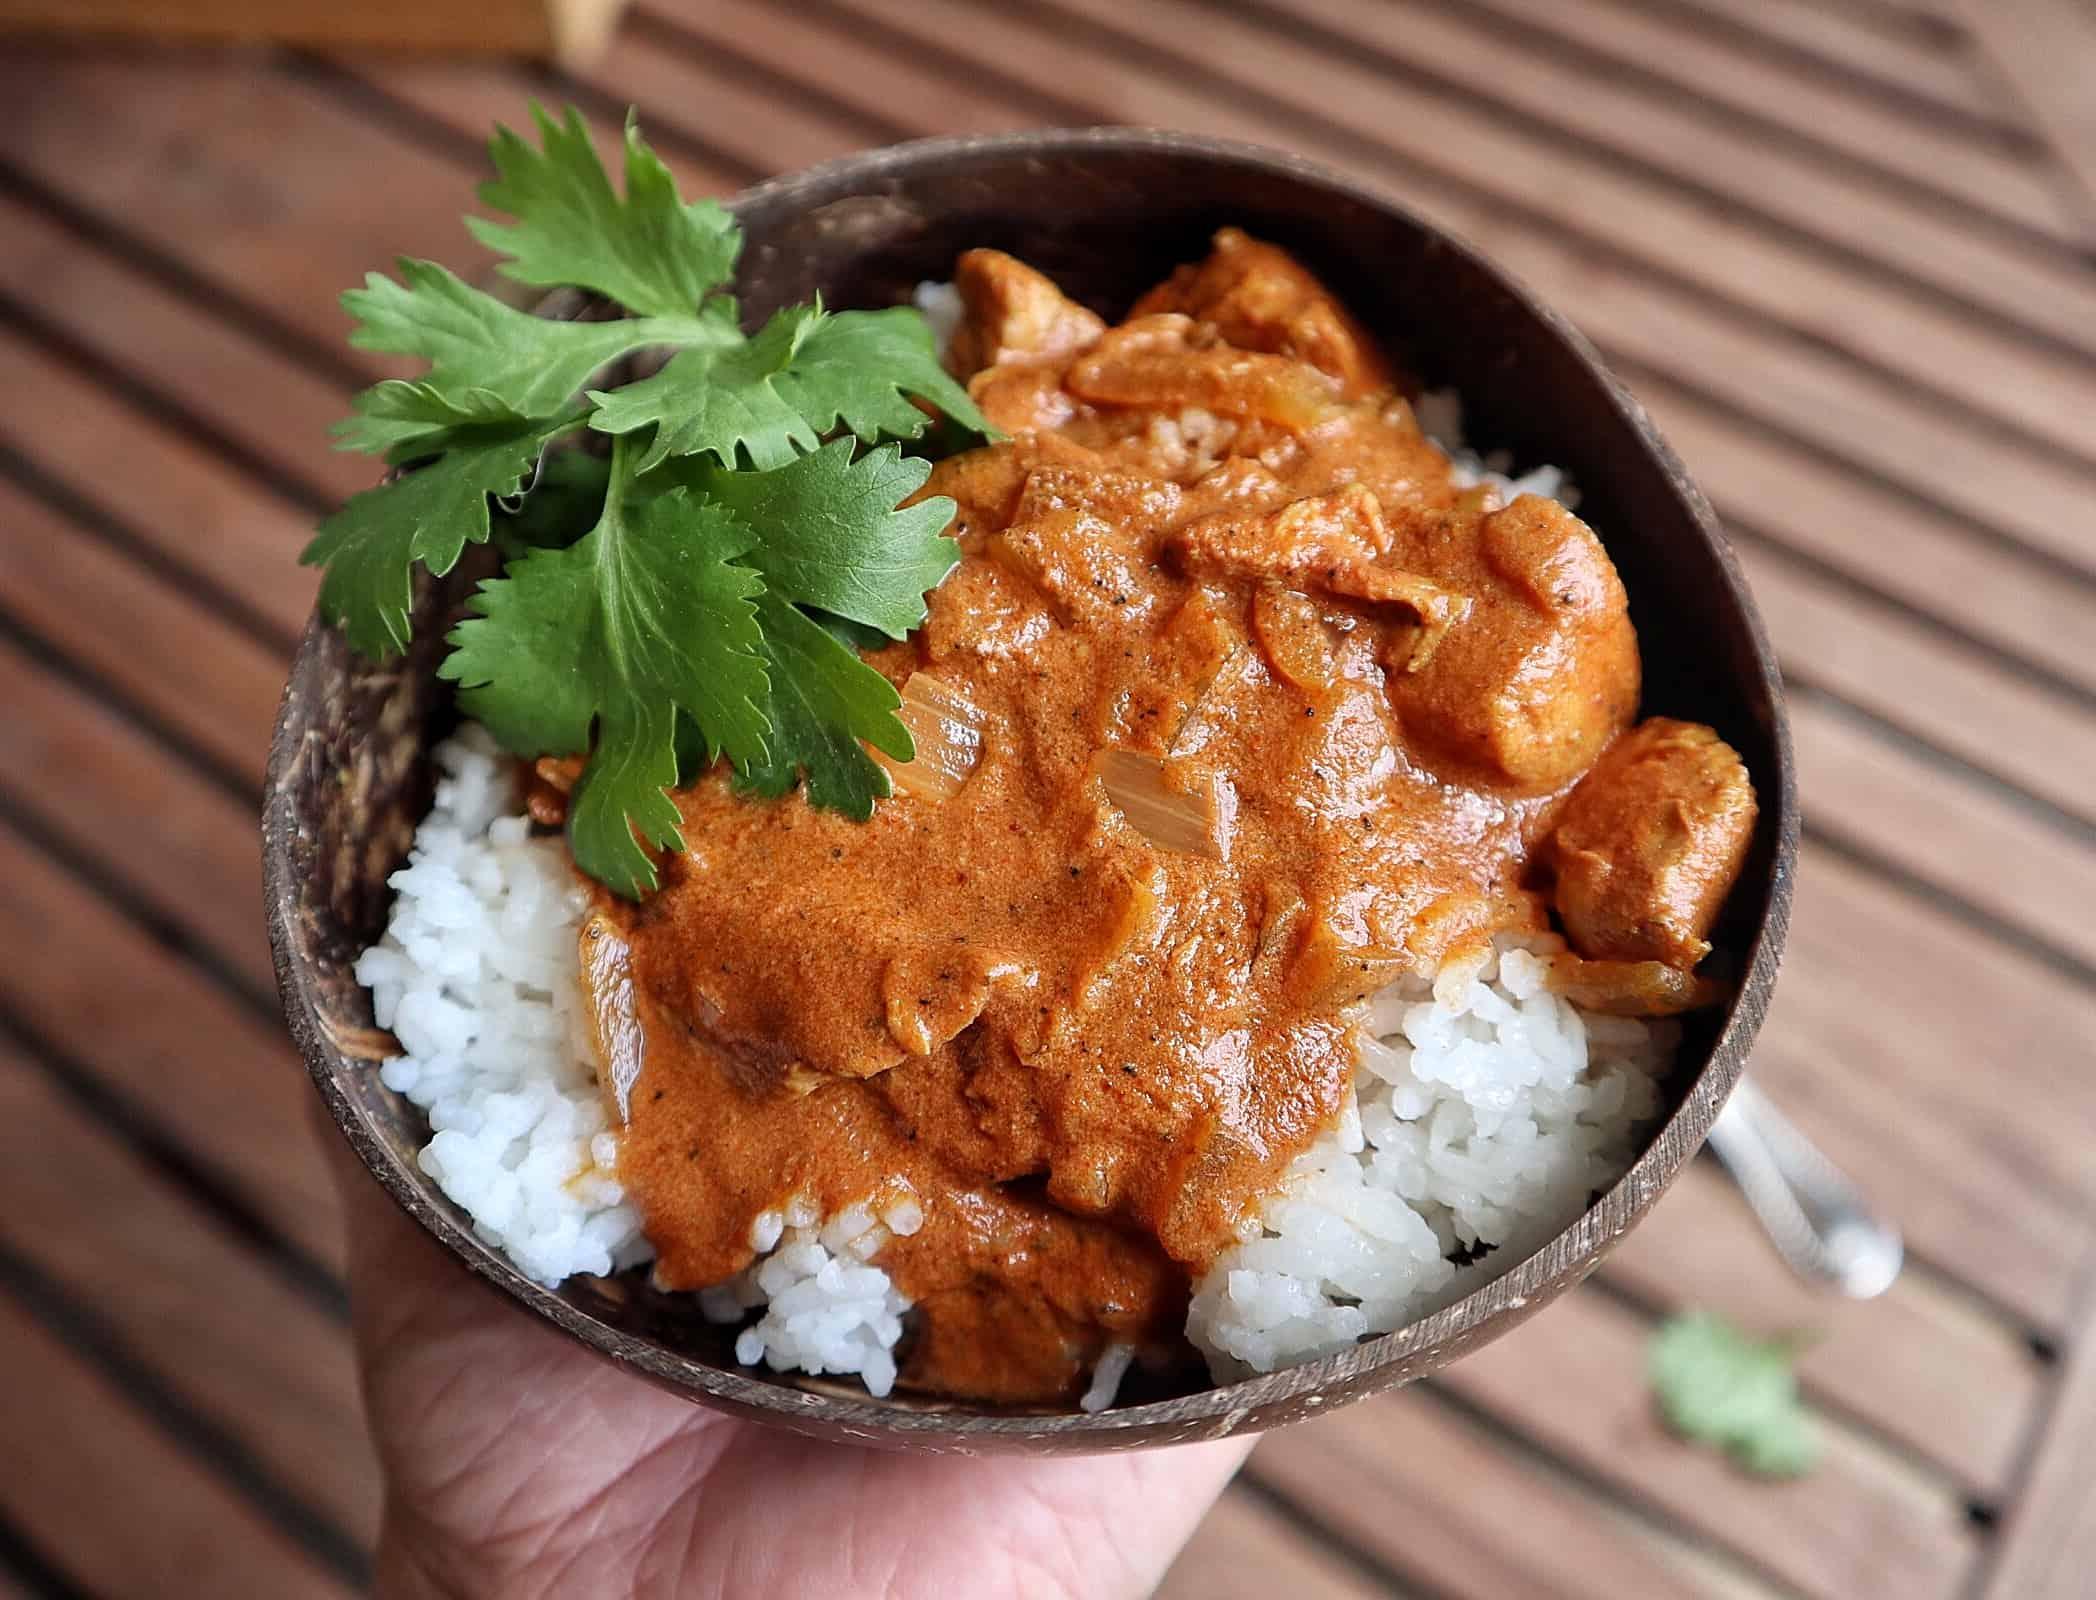 Chicken tikka masala recipe crockpot